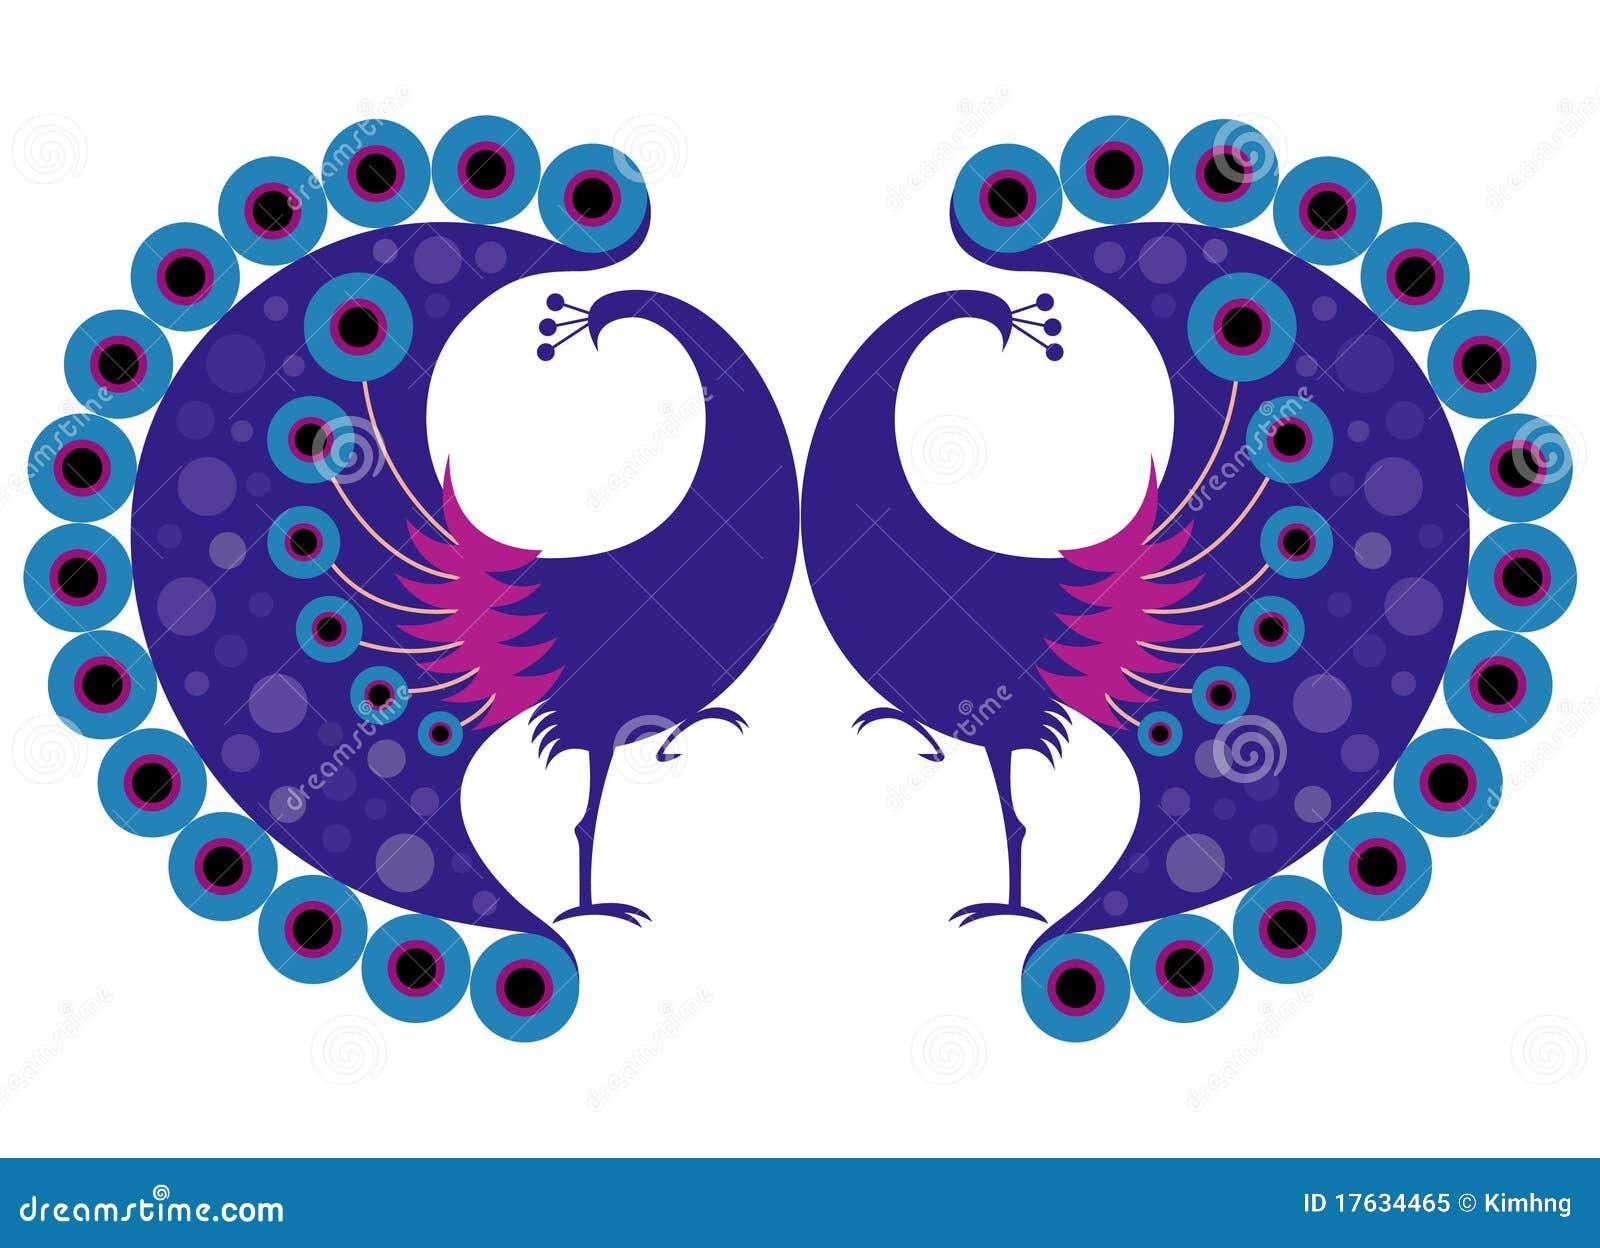 Peacock Motif Stock Vector Illustration Of Illustration 17634465